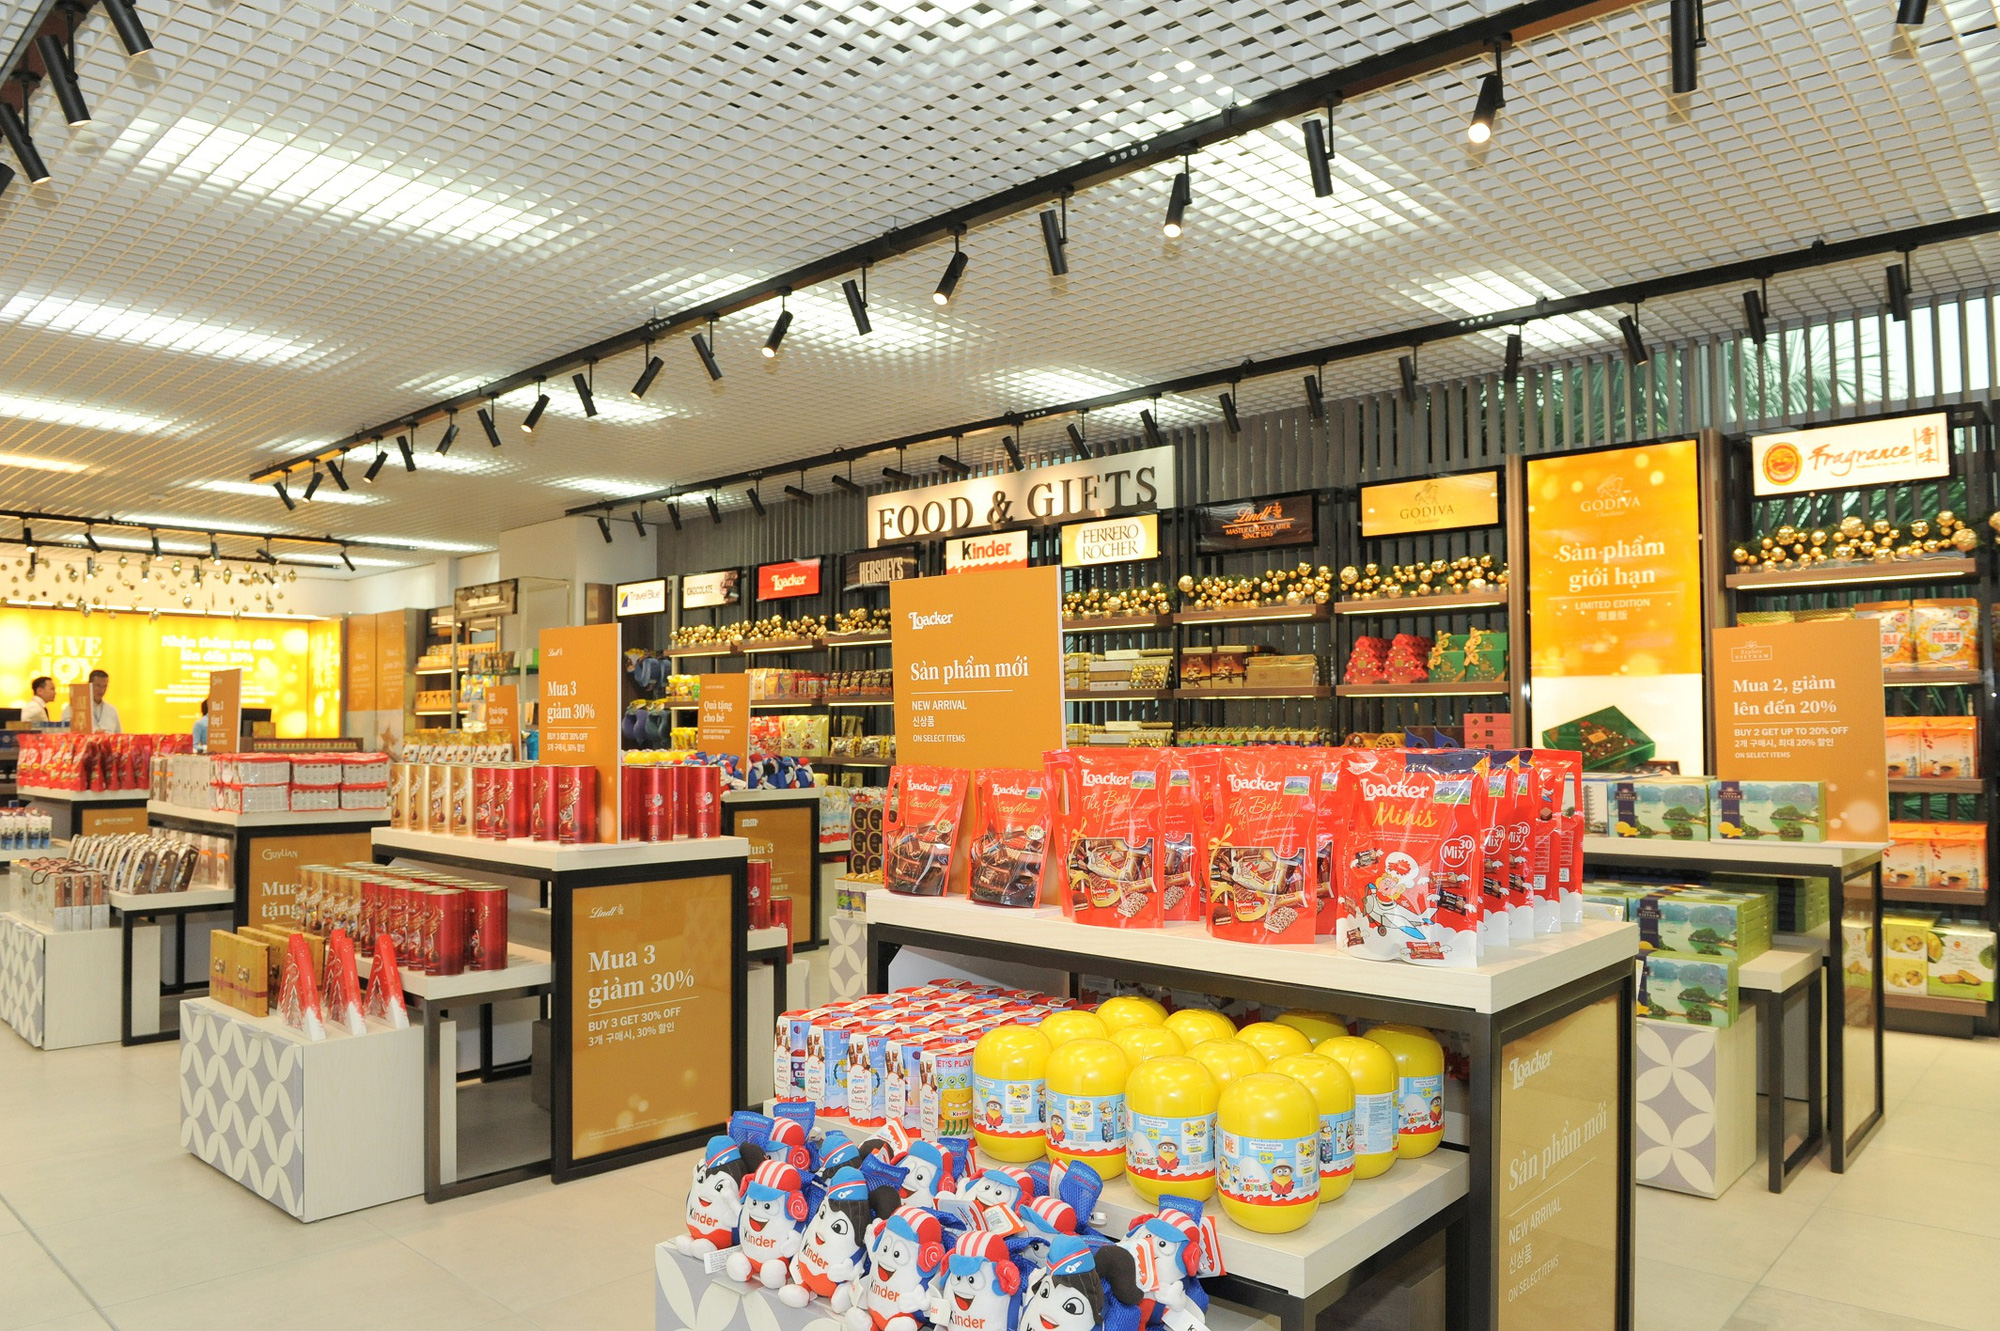 Khám phá cửa hàng miễn thuế bậc nhất sân bay quốc tế Tân Sơn Nhất - Ảnh 4.